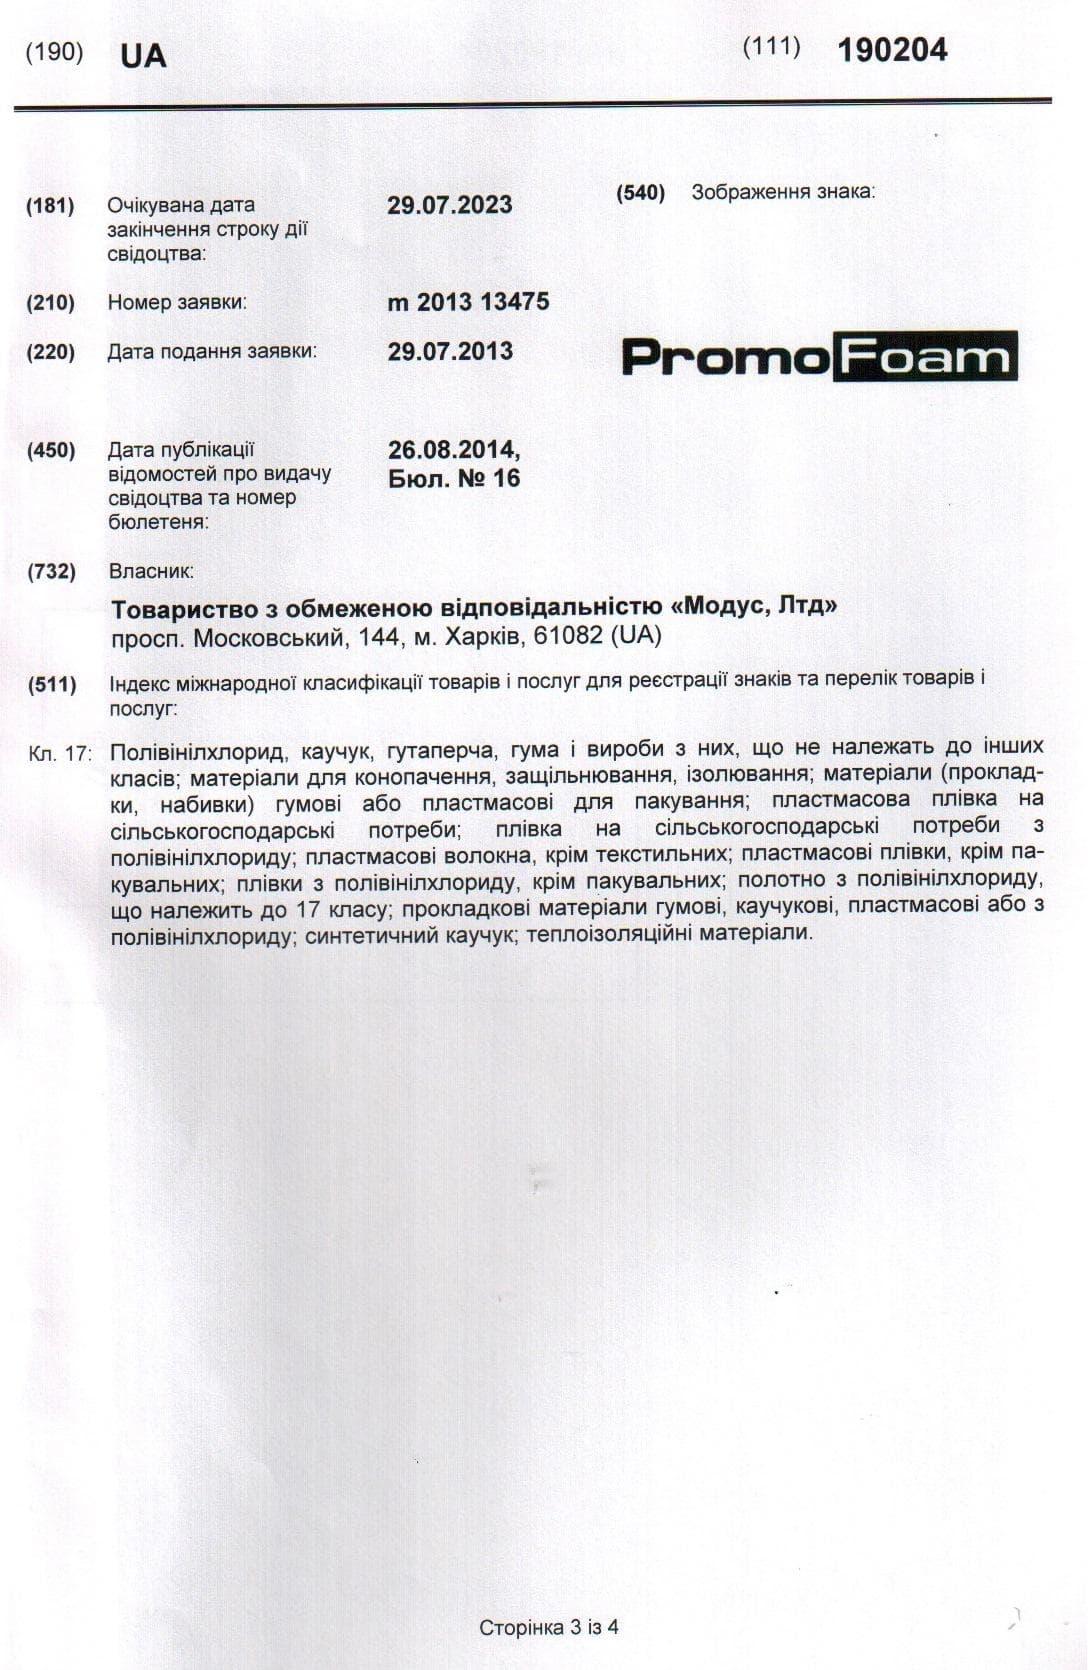 Сертифікат відповідності усім встановленим медичним критеріям безпеки